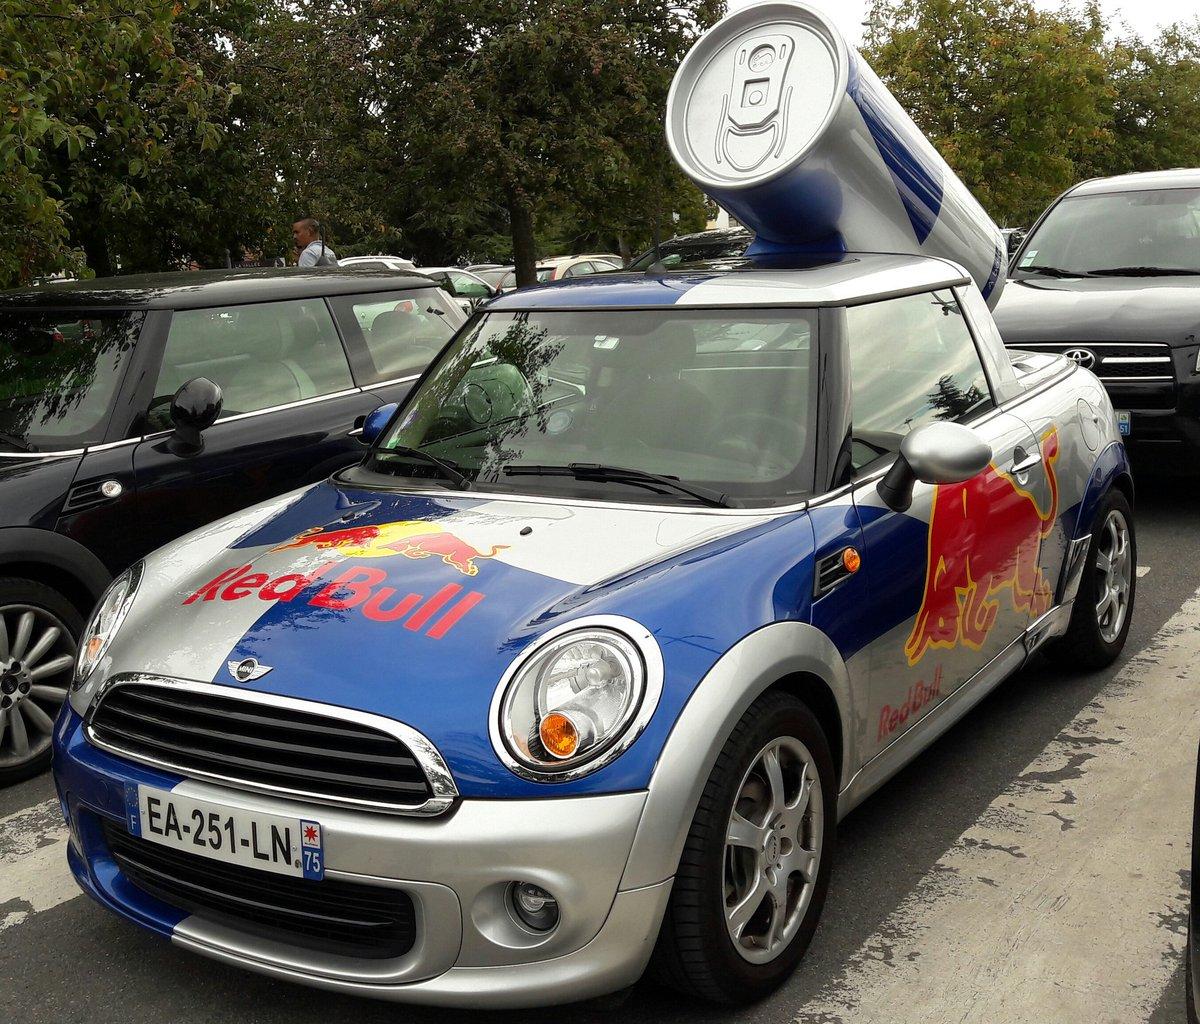 Red Bull donne des aiiiles ! @redbull  @RedBullFrance  #voiture #voiturepublicitaire #car #advertazingcar #redbull #redbullfrance<br>http://pic.twitter.com/ZsjN0kjg1d